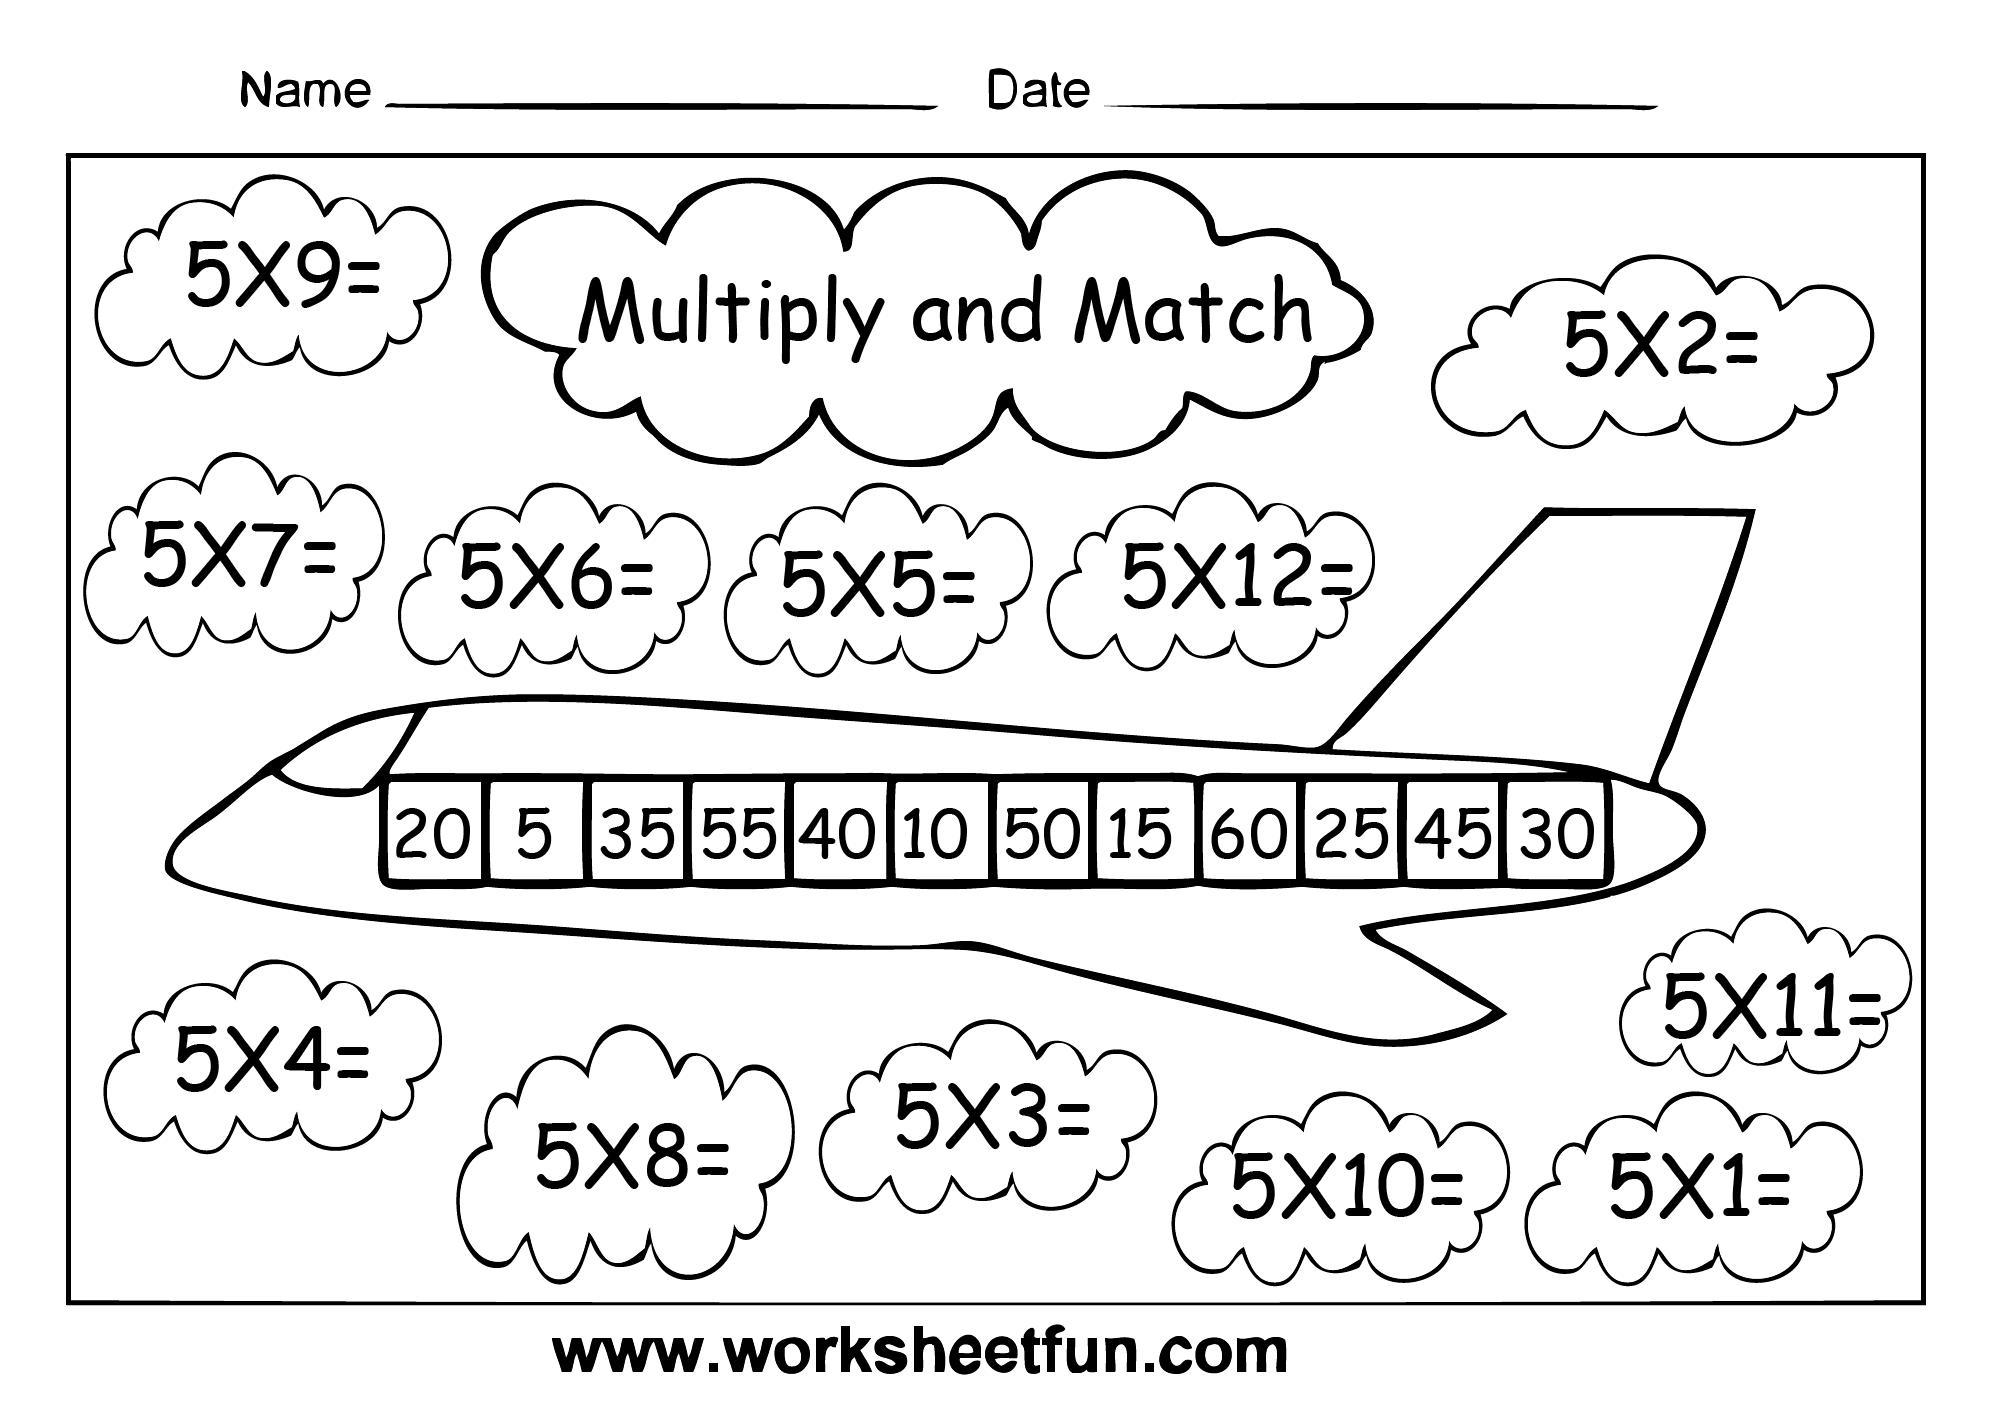 Multiplication Worksheets Level 5 4